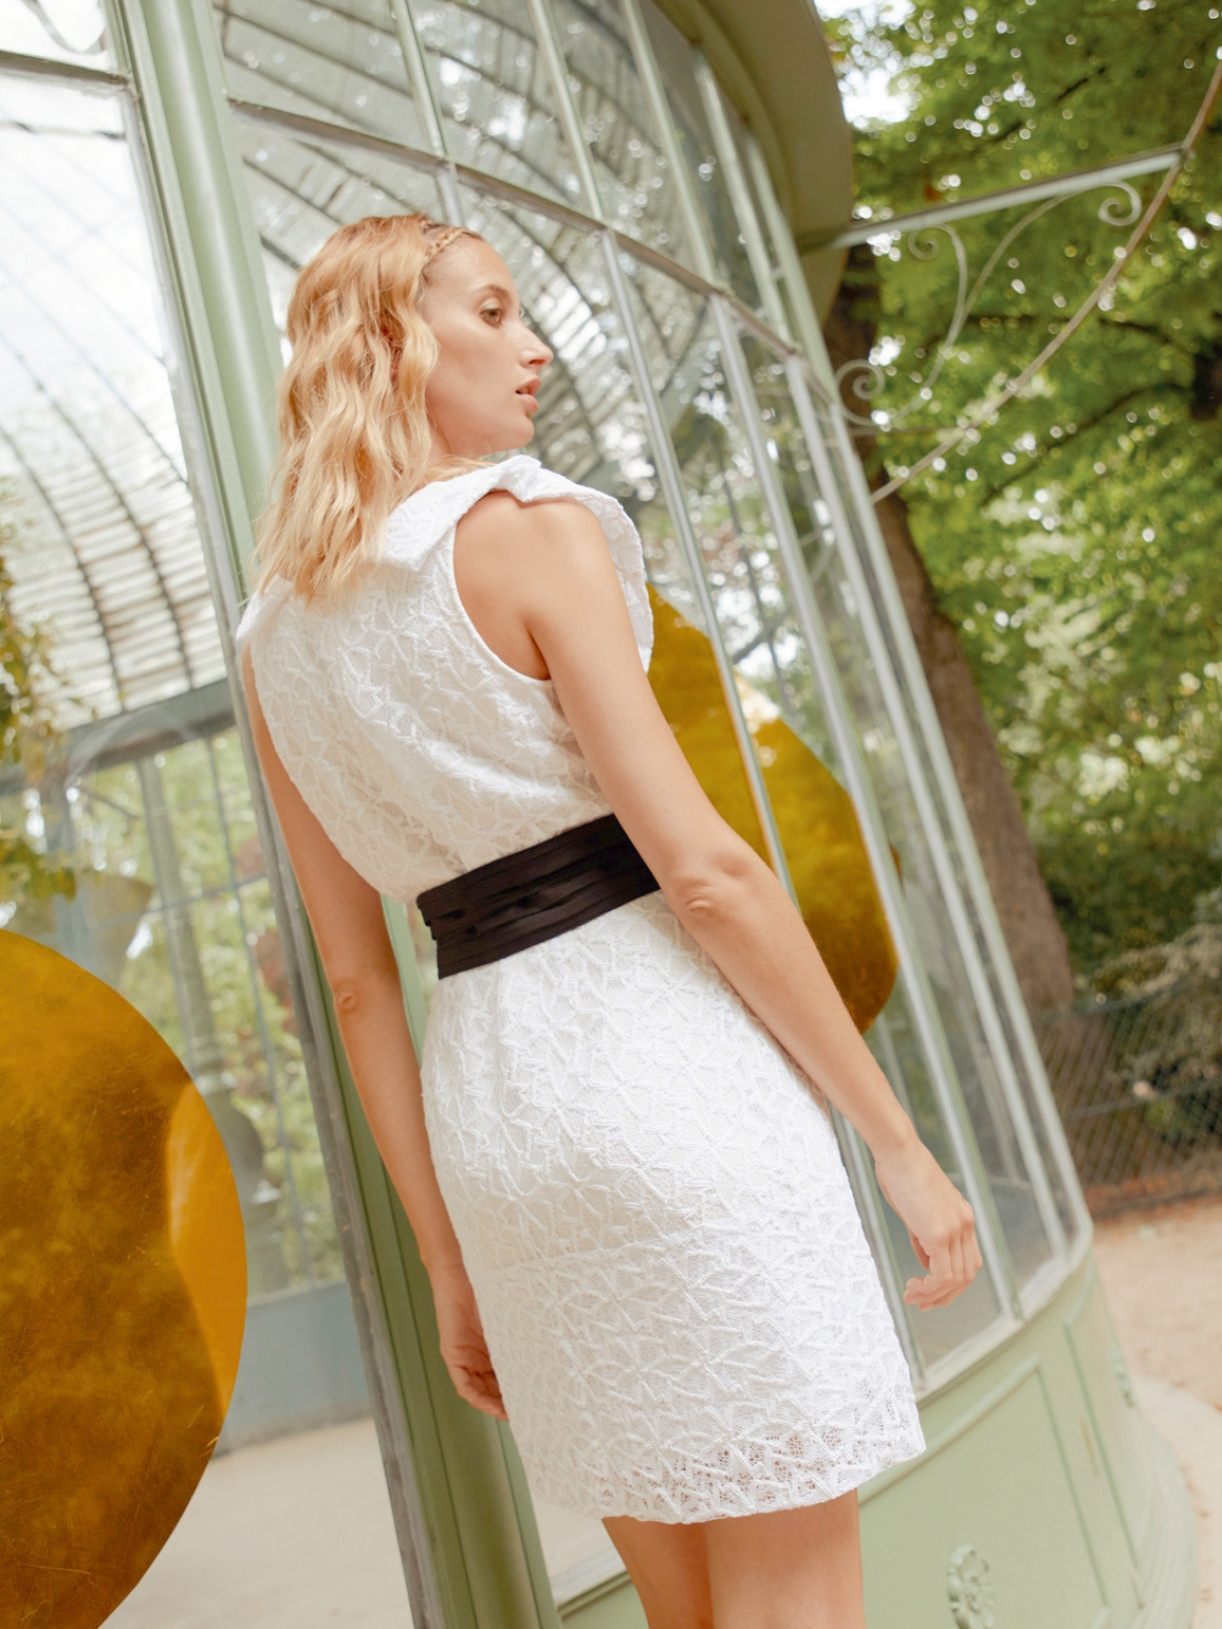 JULIETTE - Robe de mariée courte à volant dentelle - Robe de mariée créateur et sur-mesure pas cher a Paris - Myphilosophy